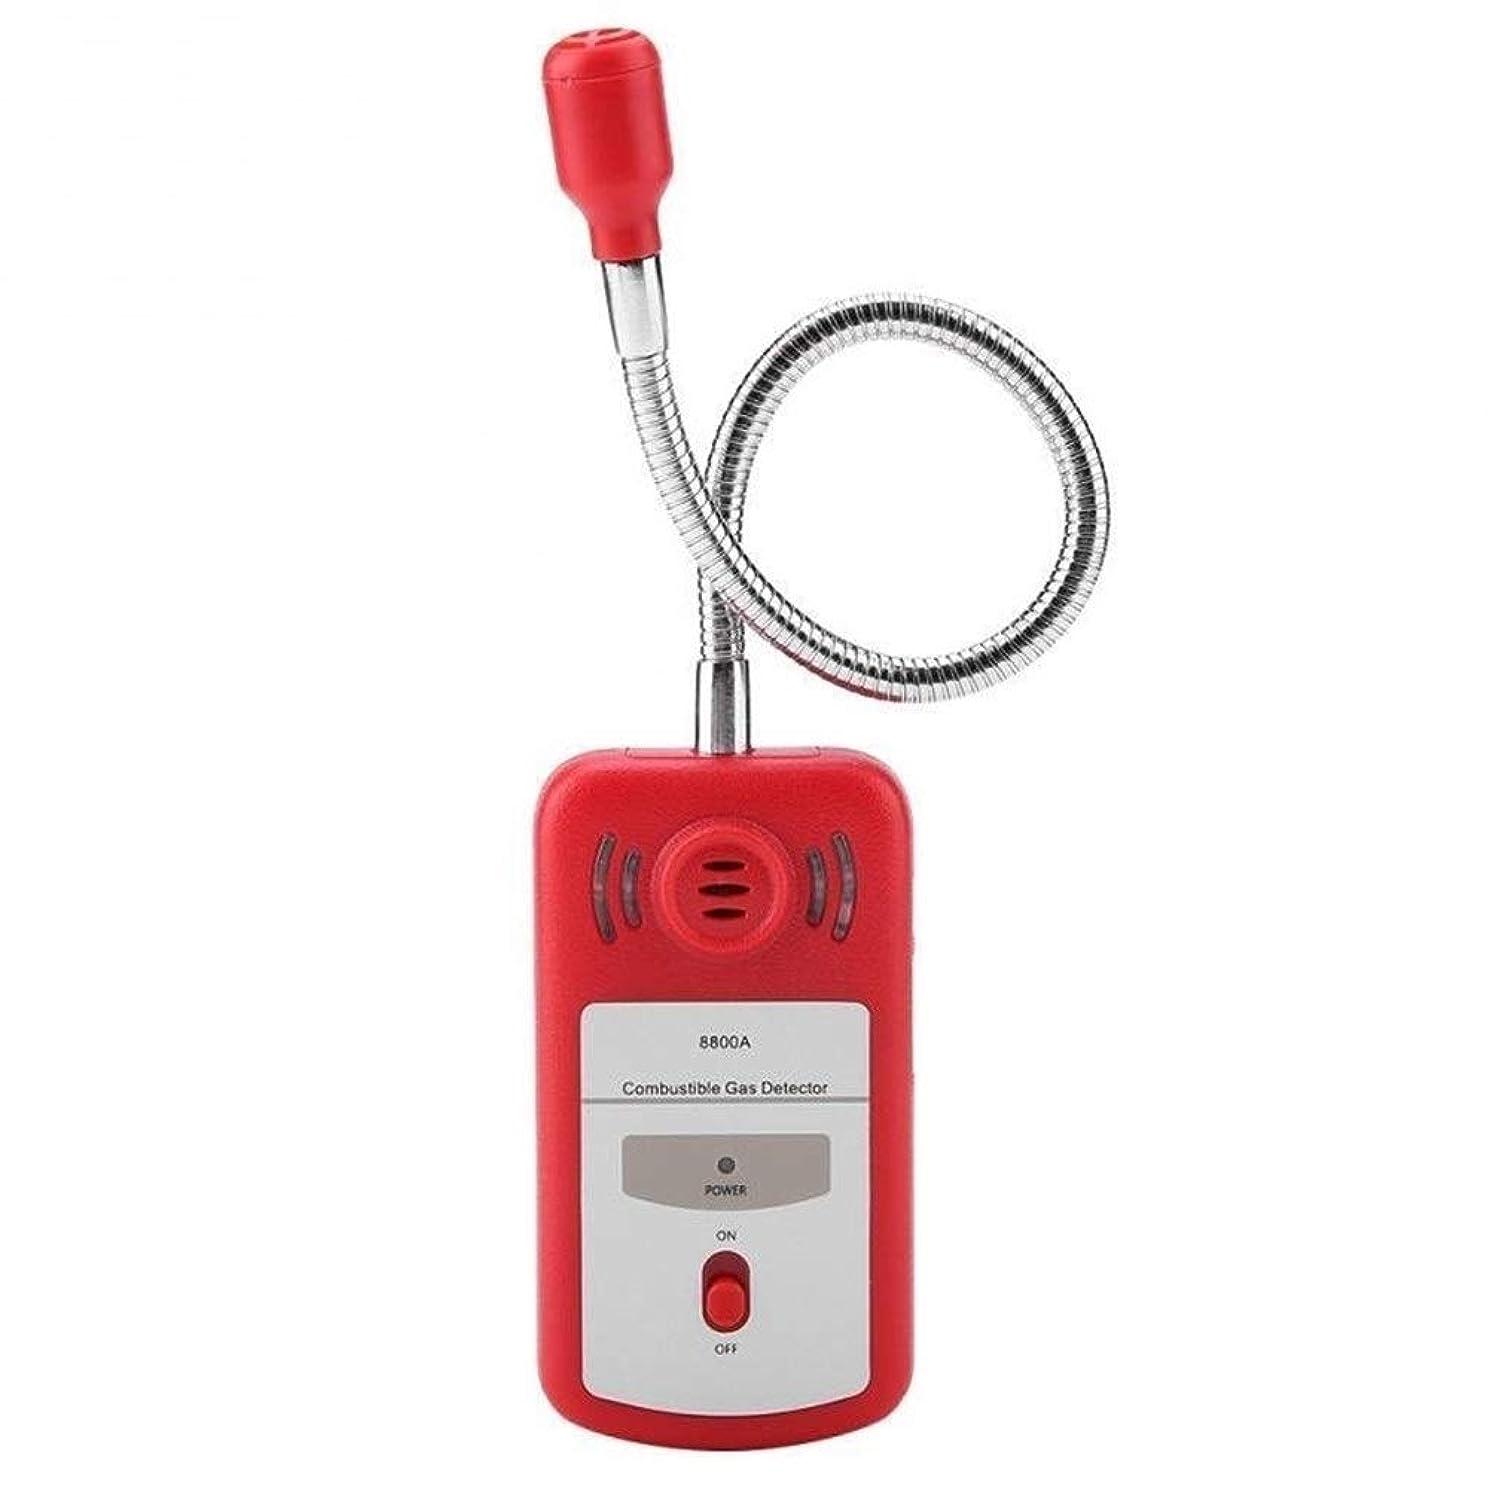 口ひげ自慢おいしい耐久性 ガス検知器 可燃物の検出 ガス漏れ検知器 ガス分析計 PT8800A 正確な